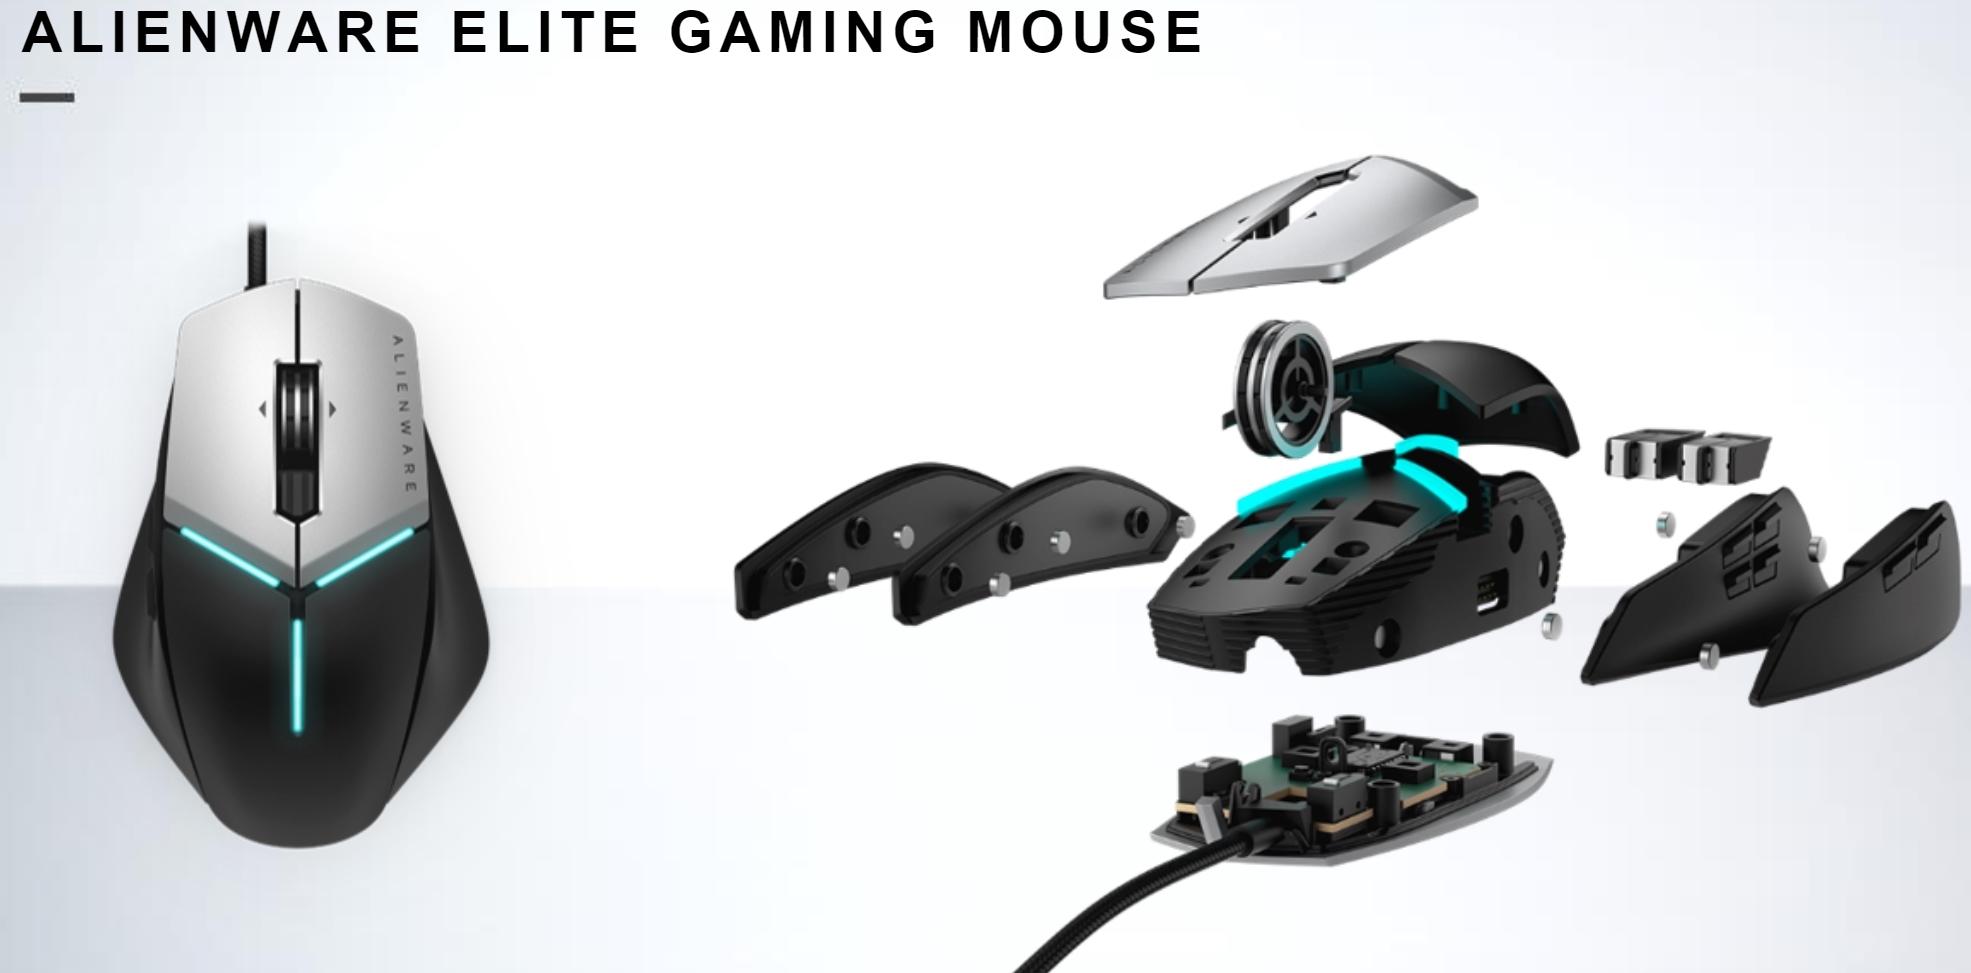 Alienwares nye Elite-spillmus med profilstøtte. Pris 89 dollar. Lansering om en måned.